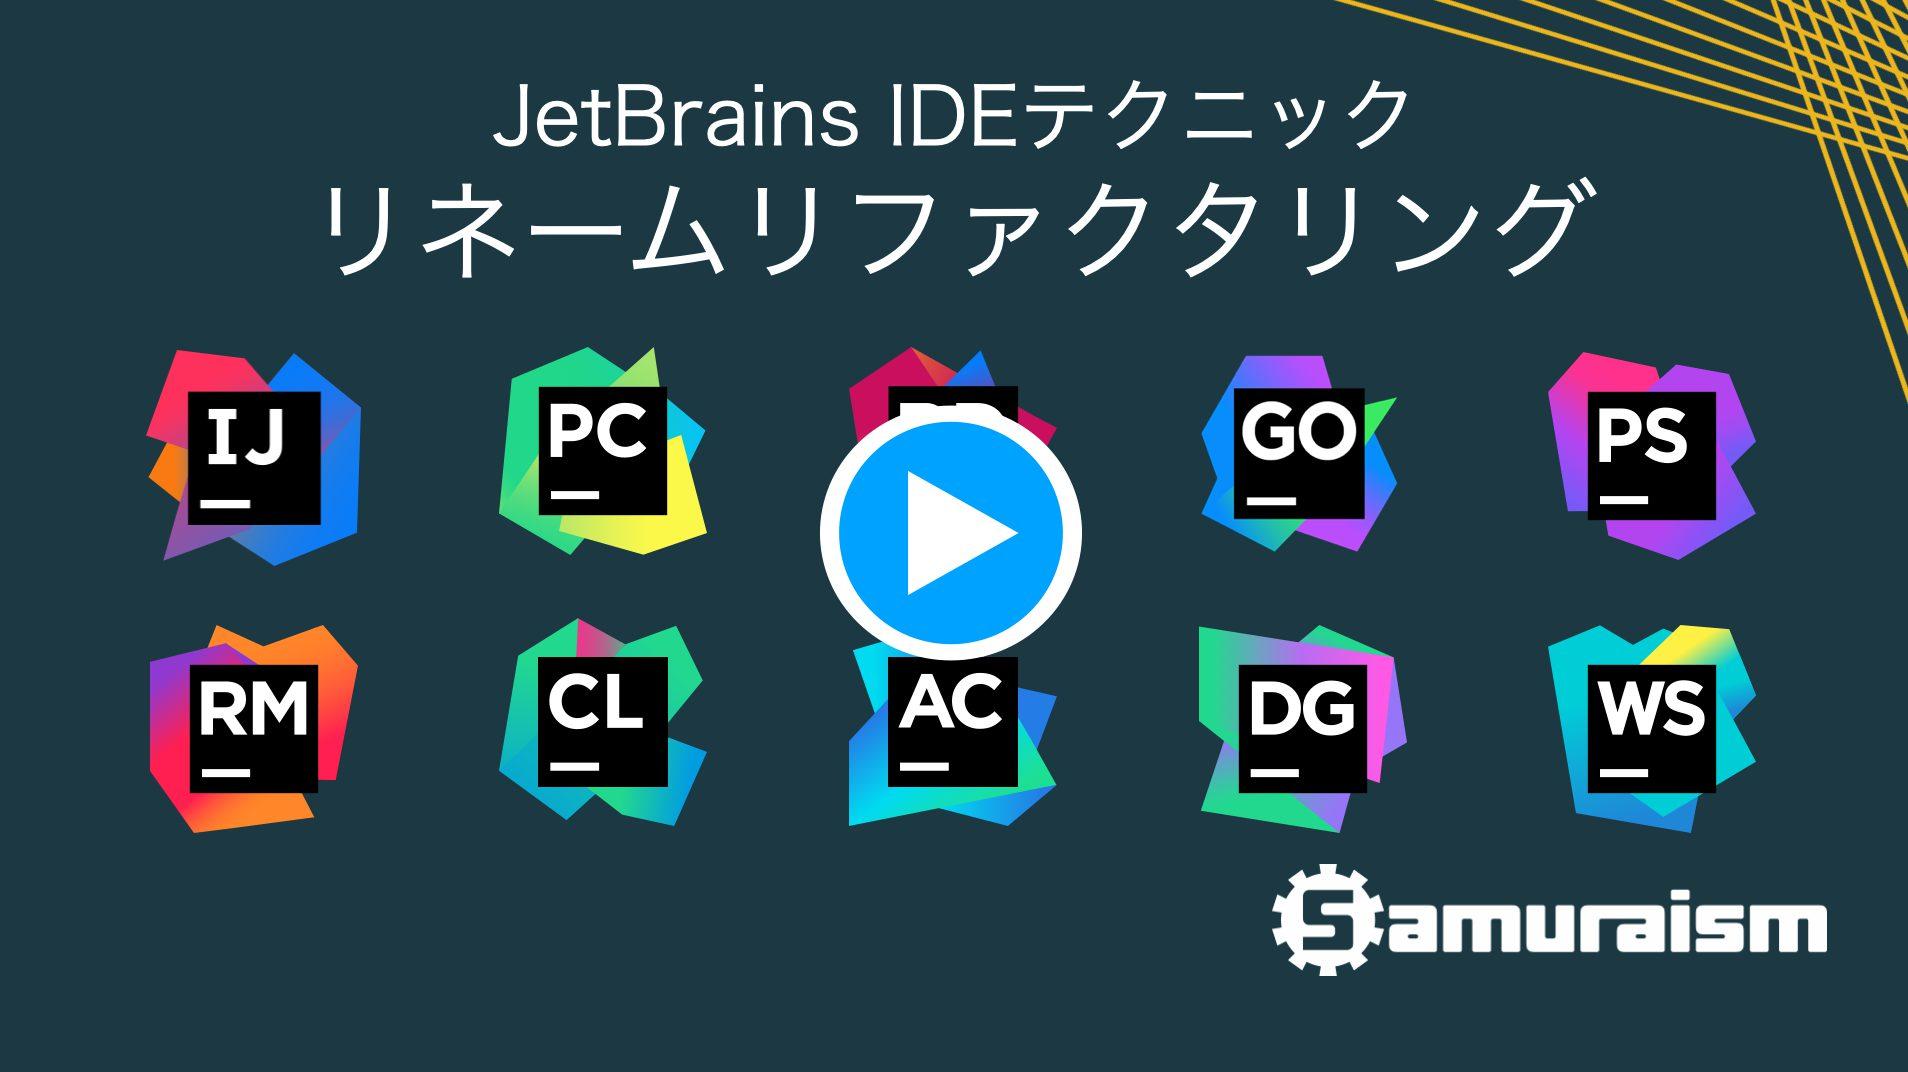 #JetBrainsIDEテクニック – リネームリファクタリング #jbtips